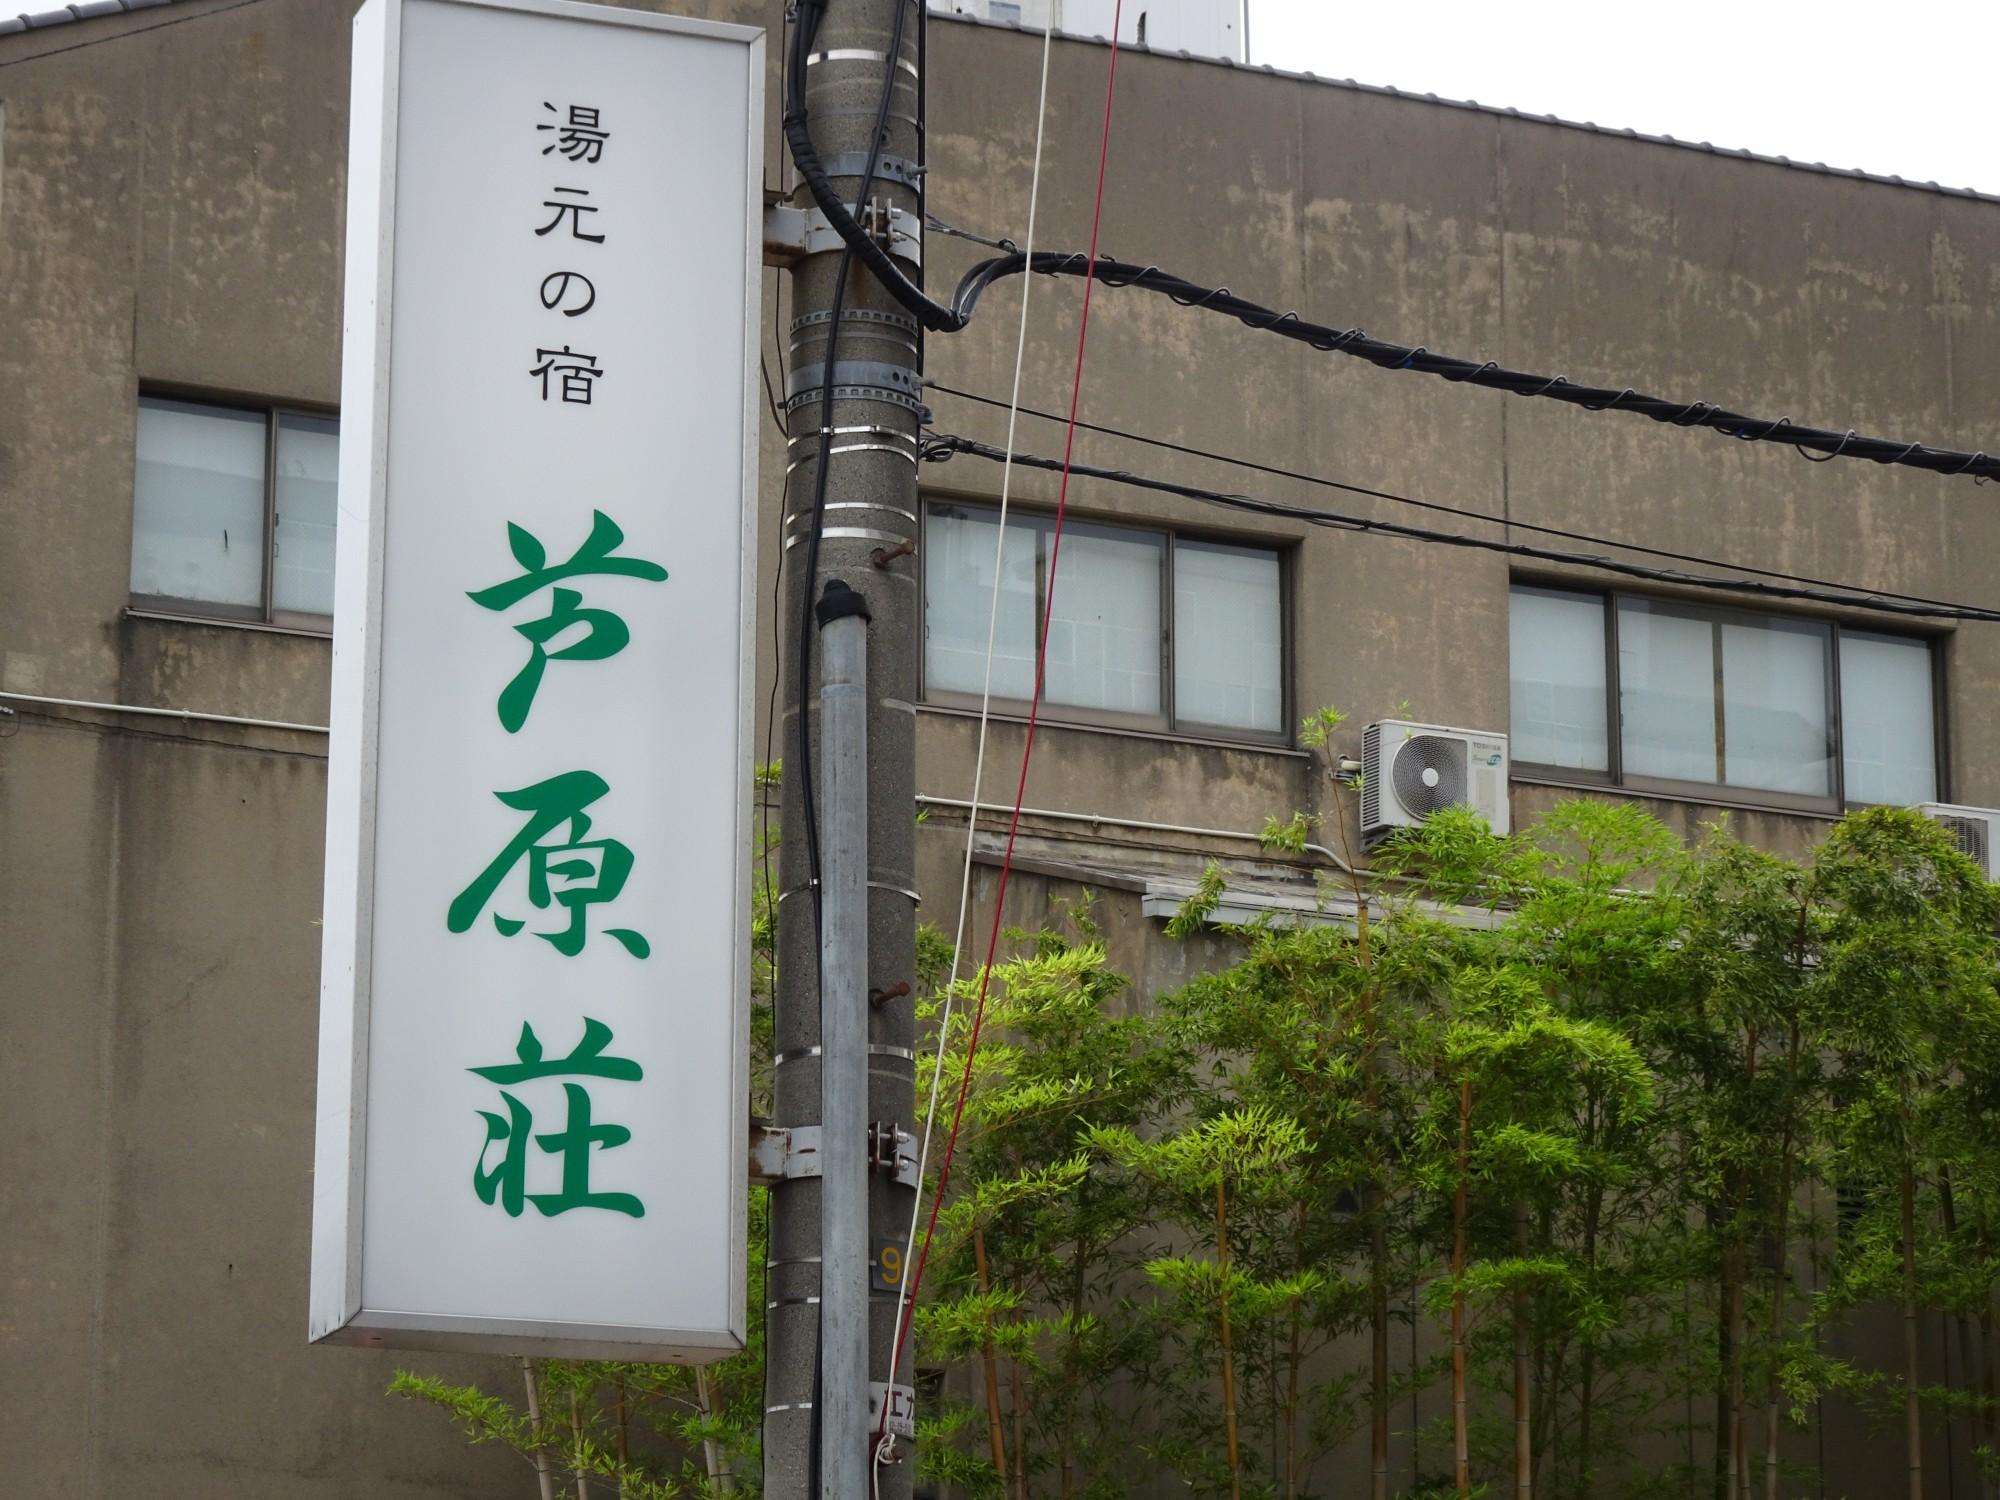 (日帰り入浴施設) 湯元の宿 芦原荘